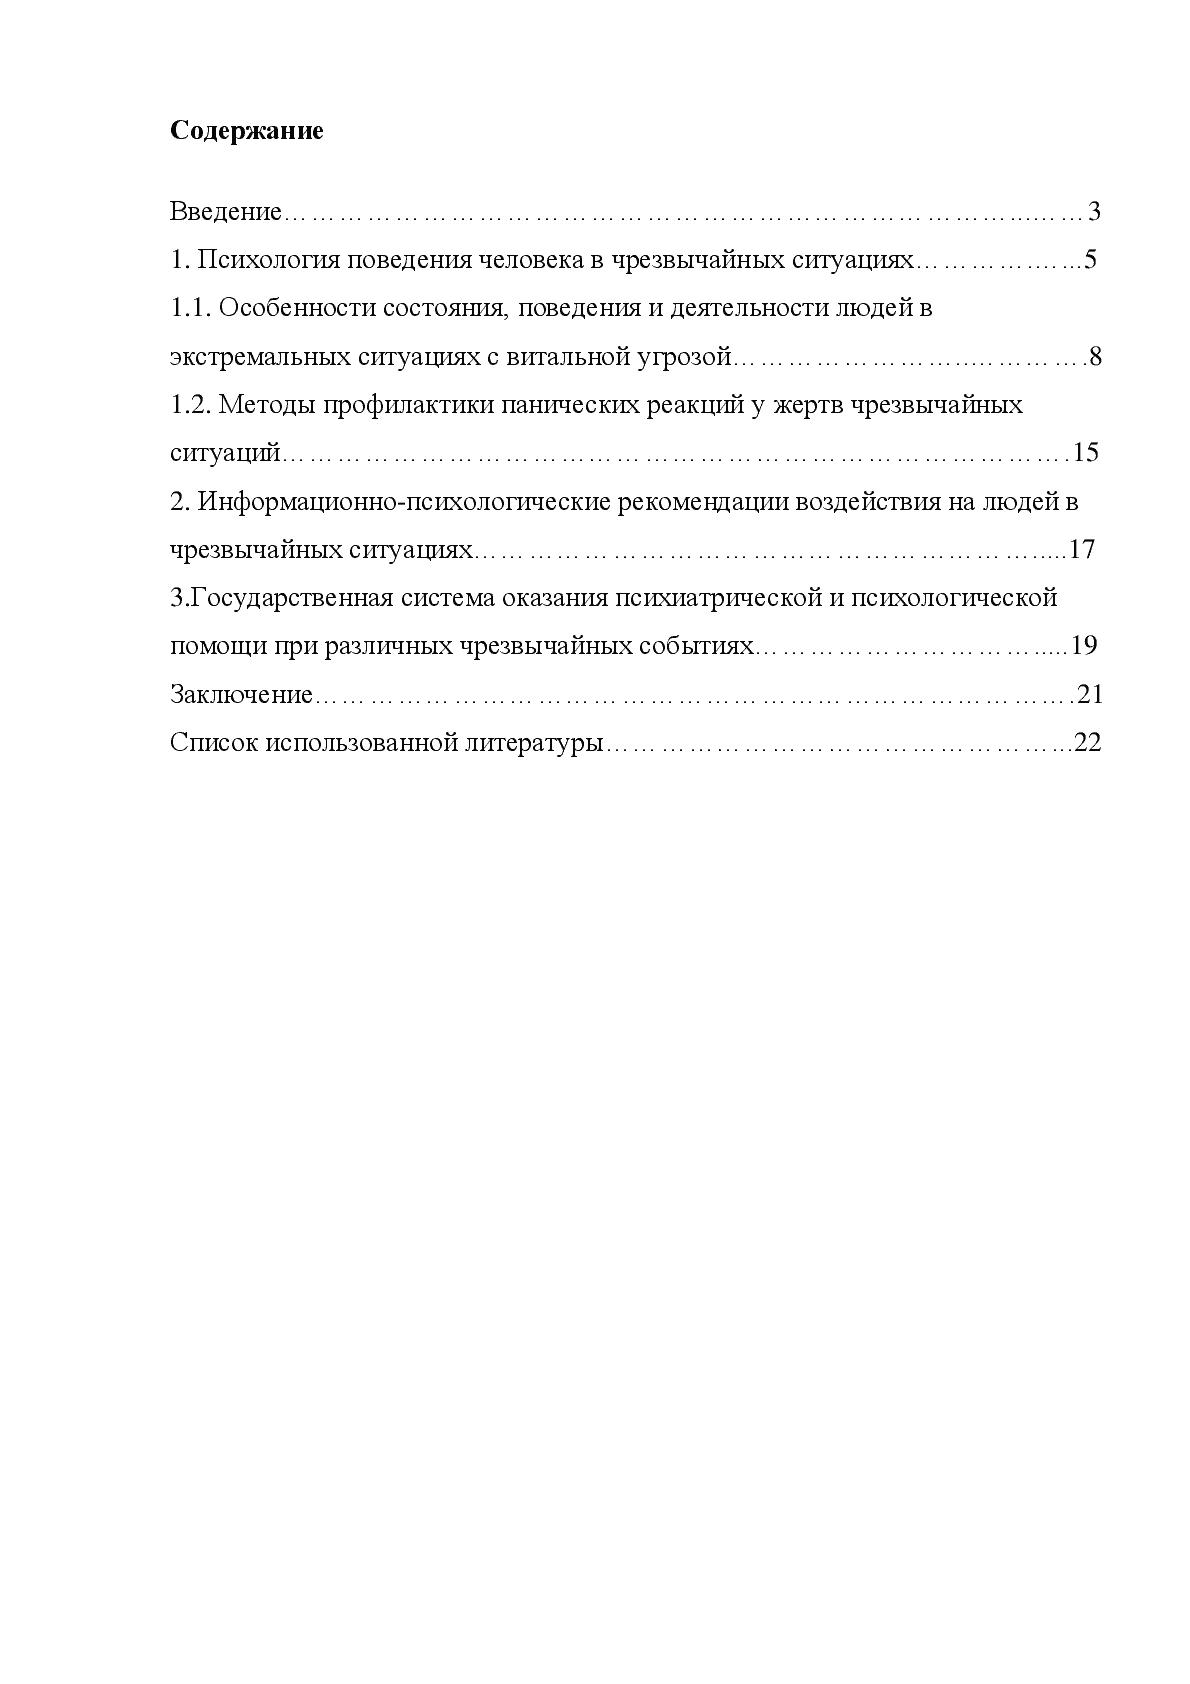 Оформление реферата по ГОСТу 2019, образец — Дуплом.Журнал | 1684x1190